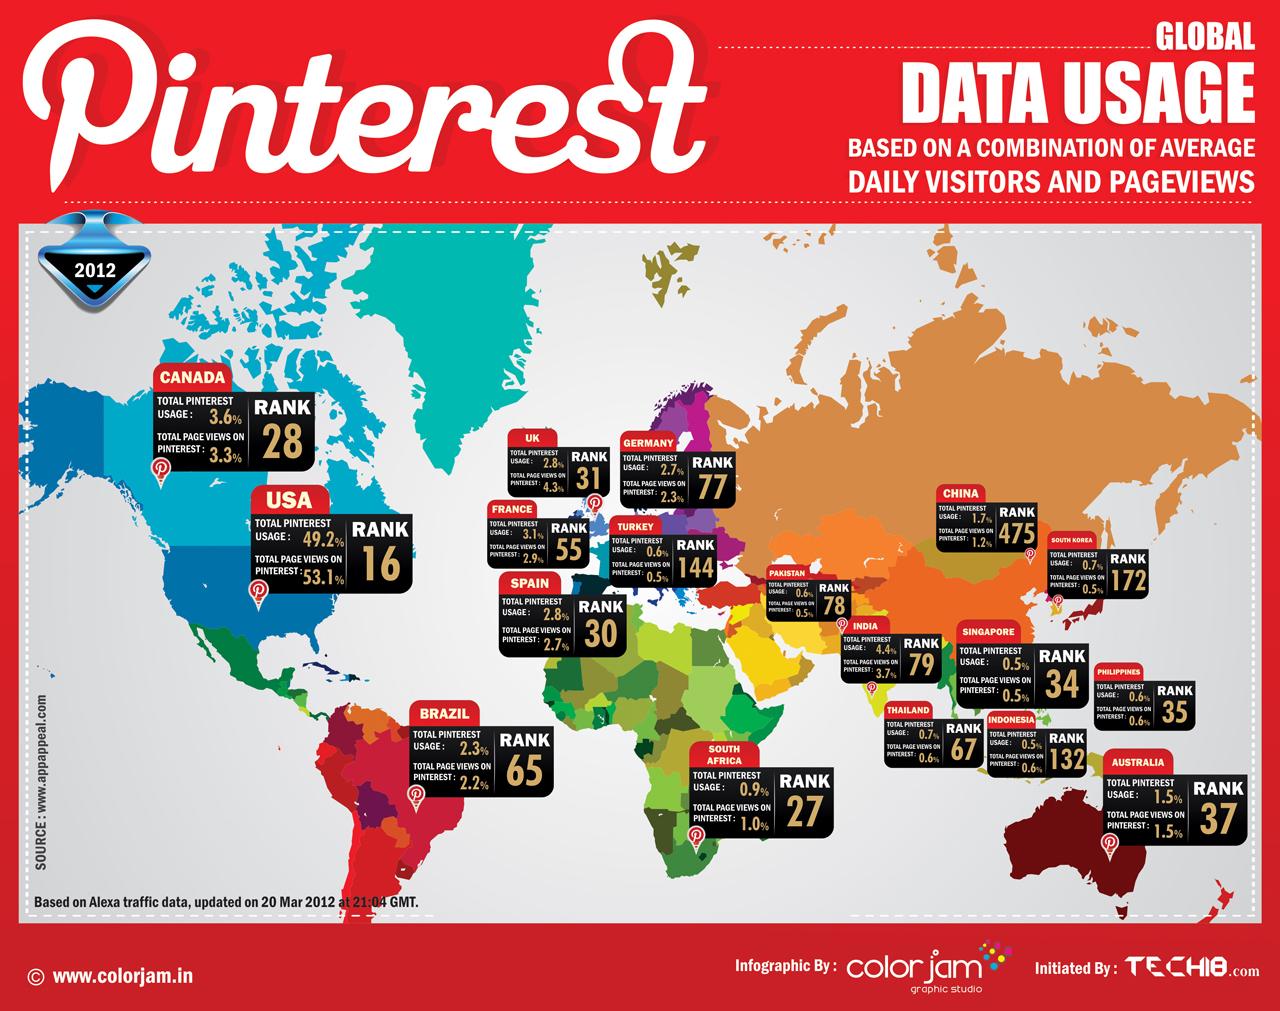 sites de rencontres Pinterest musulman vitesse rencontres événements 2014